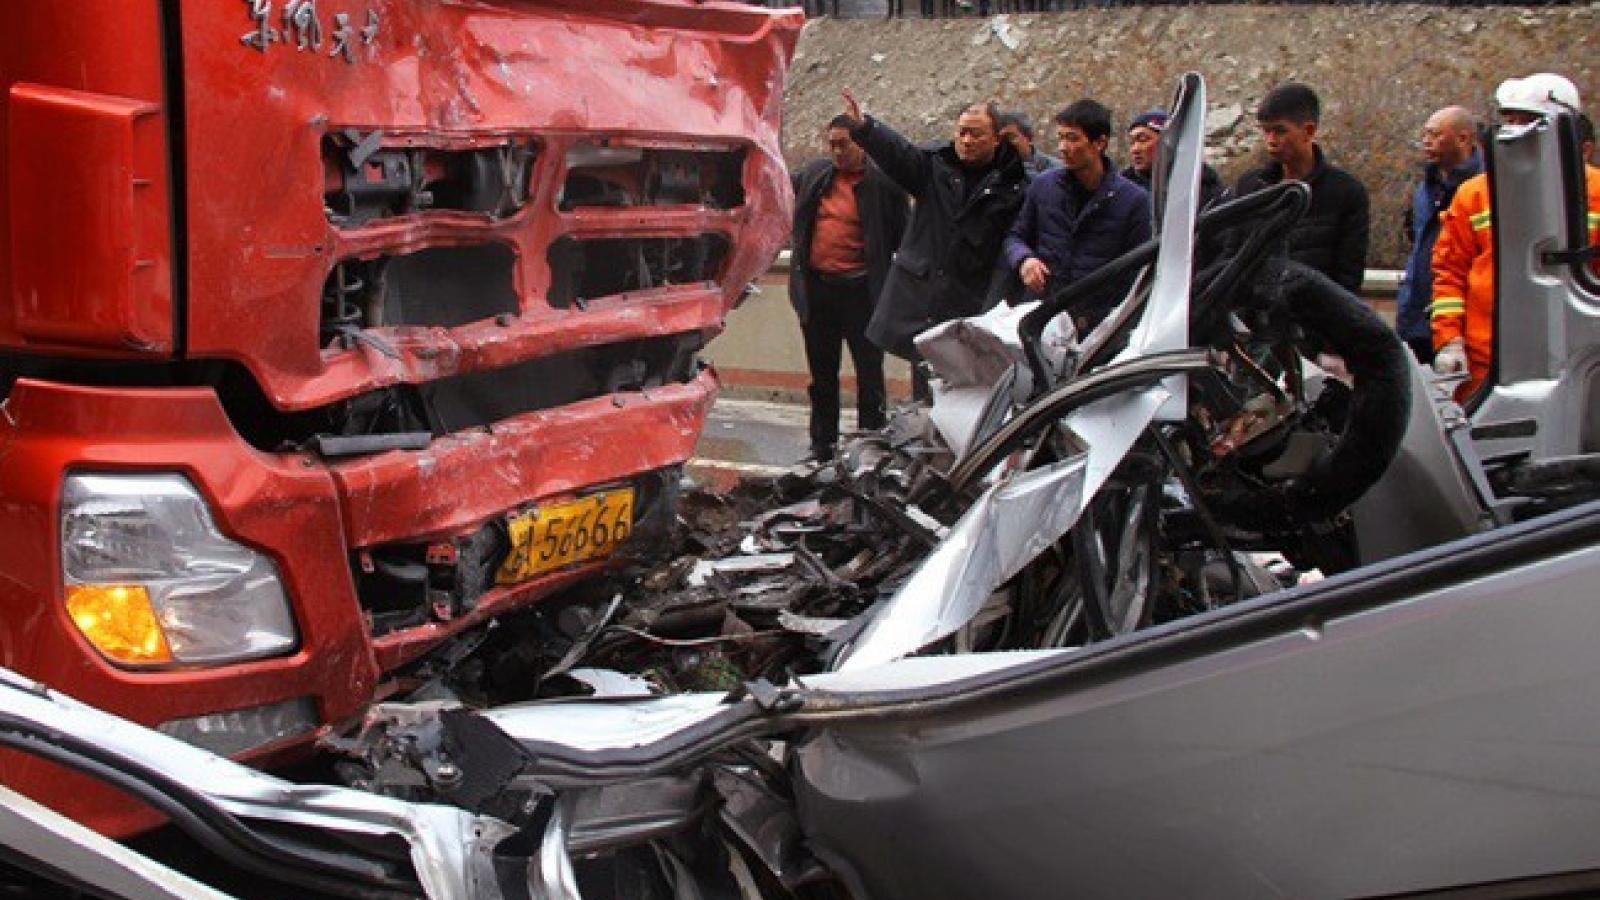 Tai nạn giao thông nghiêm trọng tại Trung Quốc khiến 9 người chết